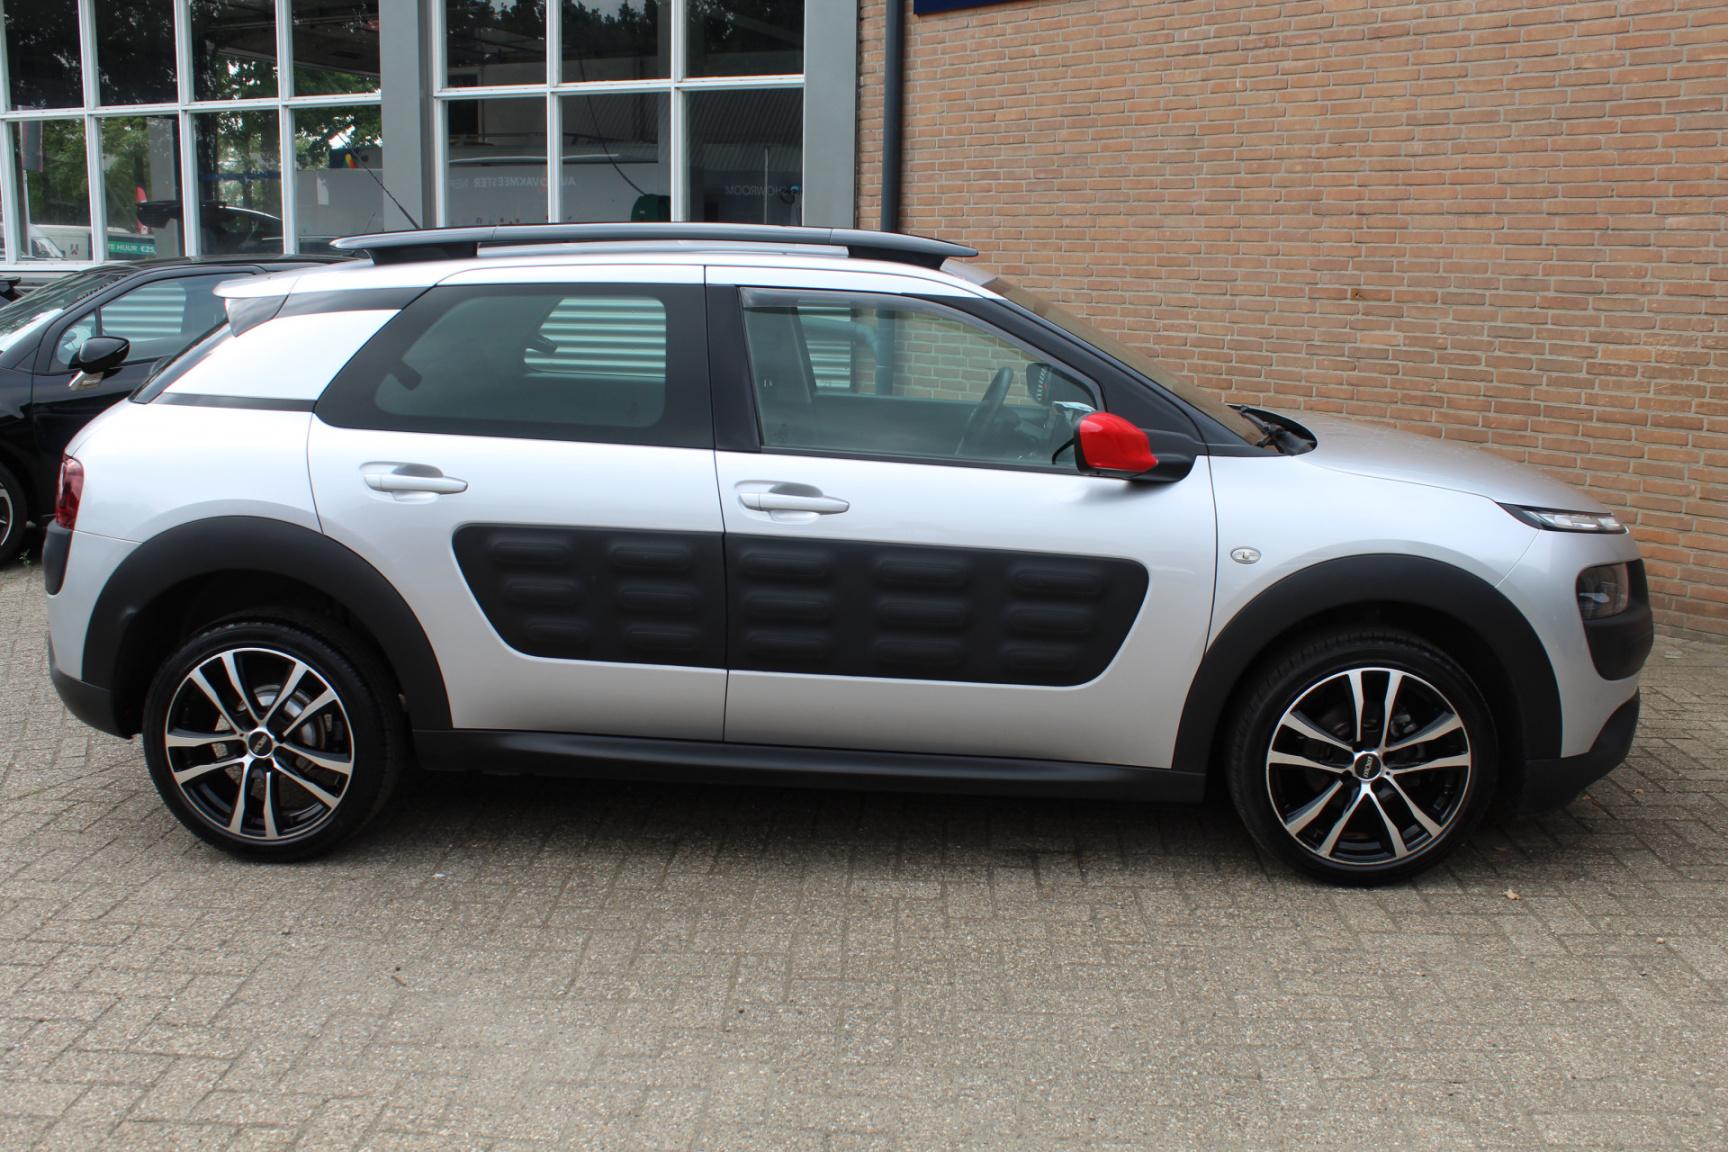 Citroën-C4 Cactus-2